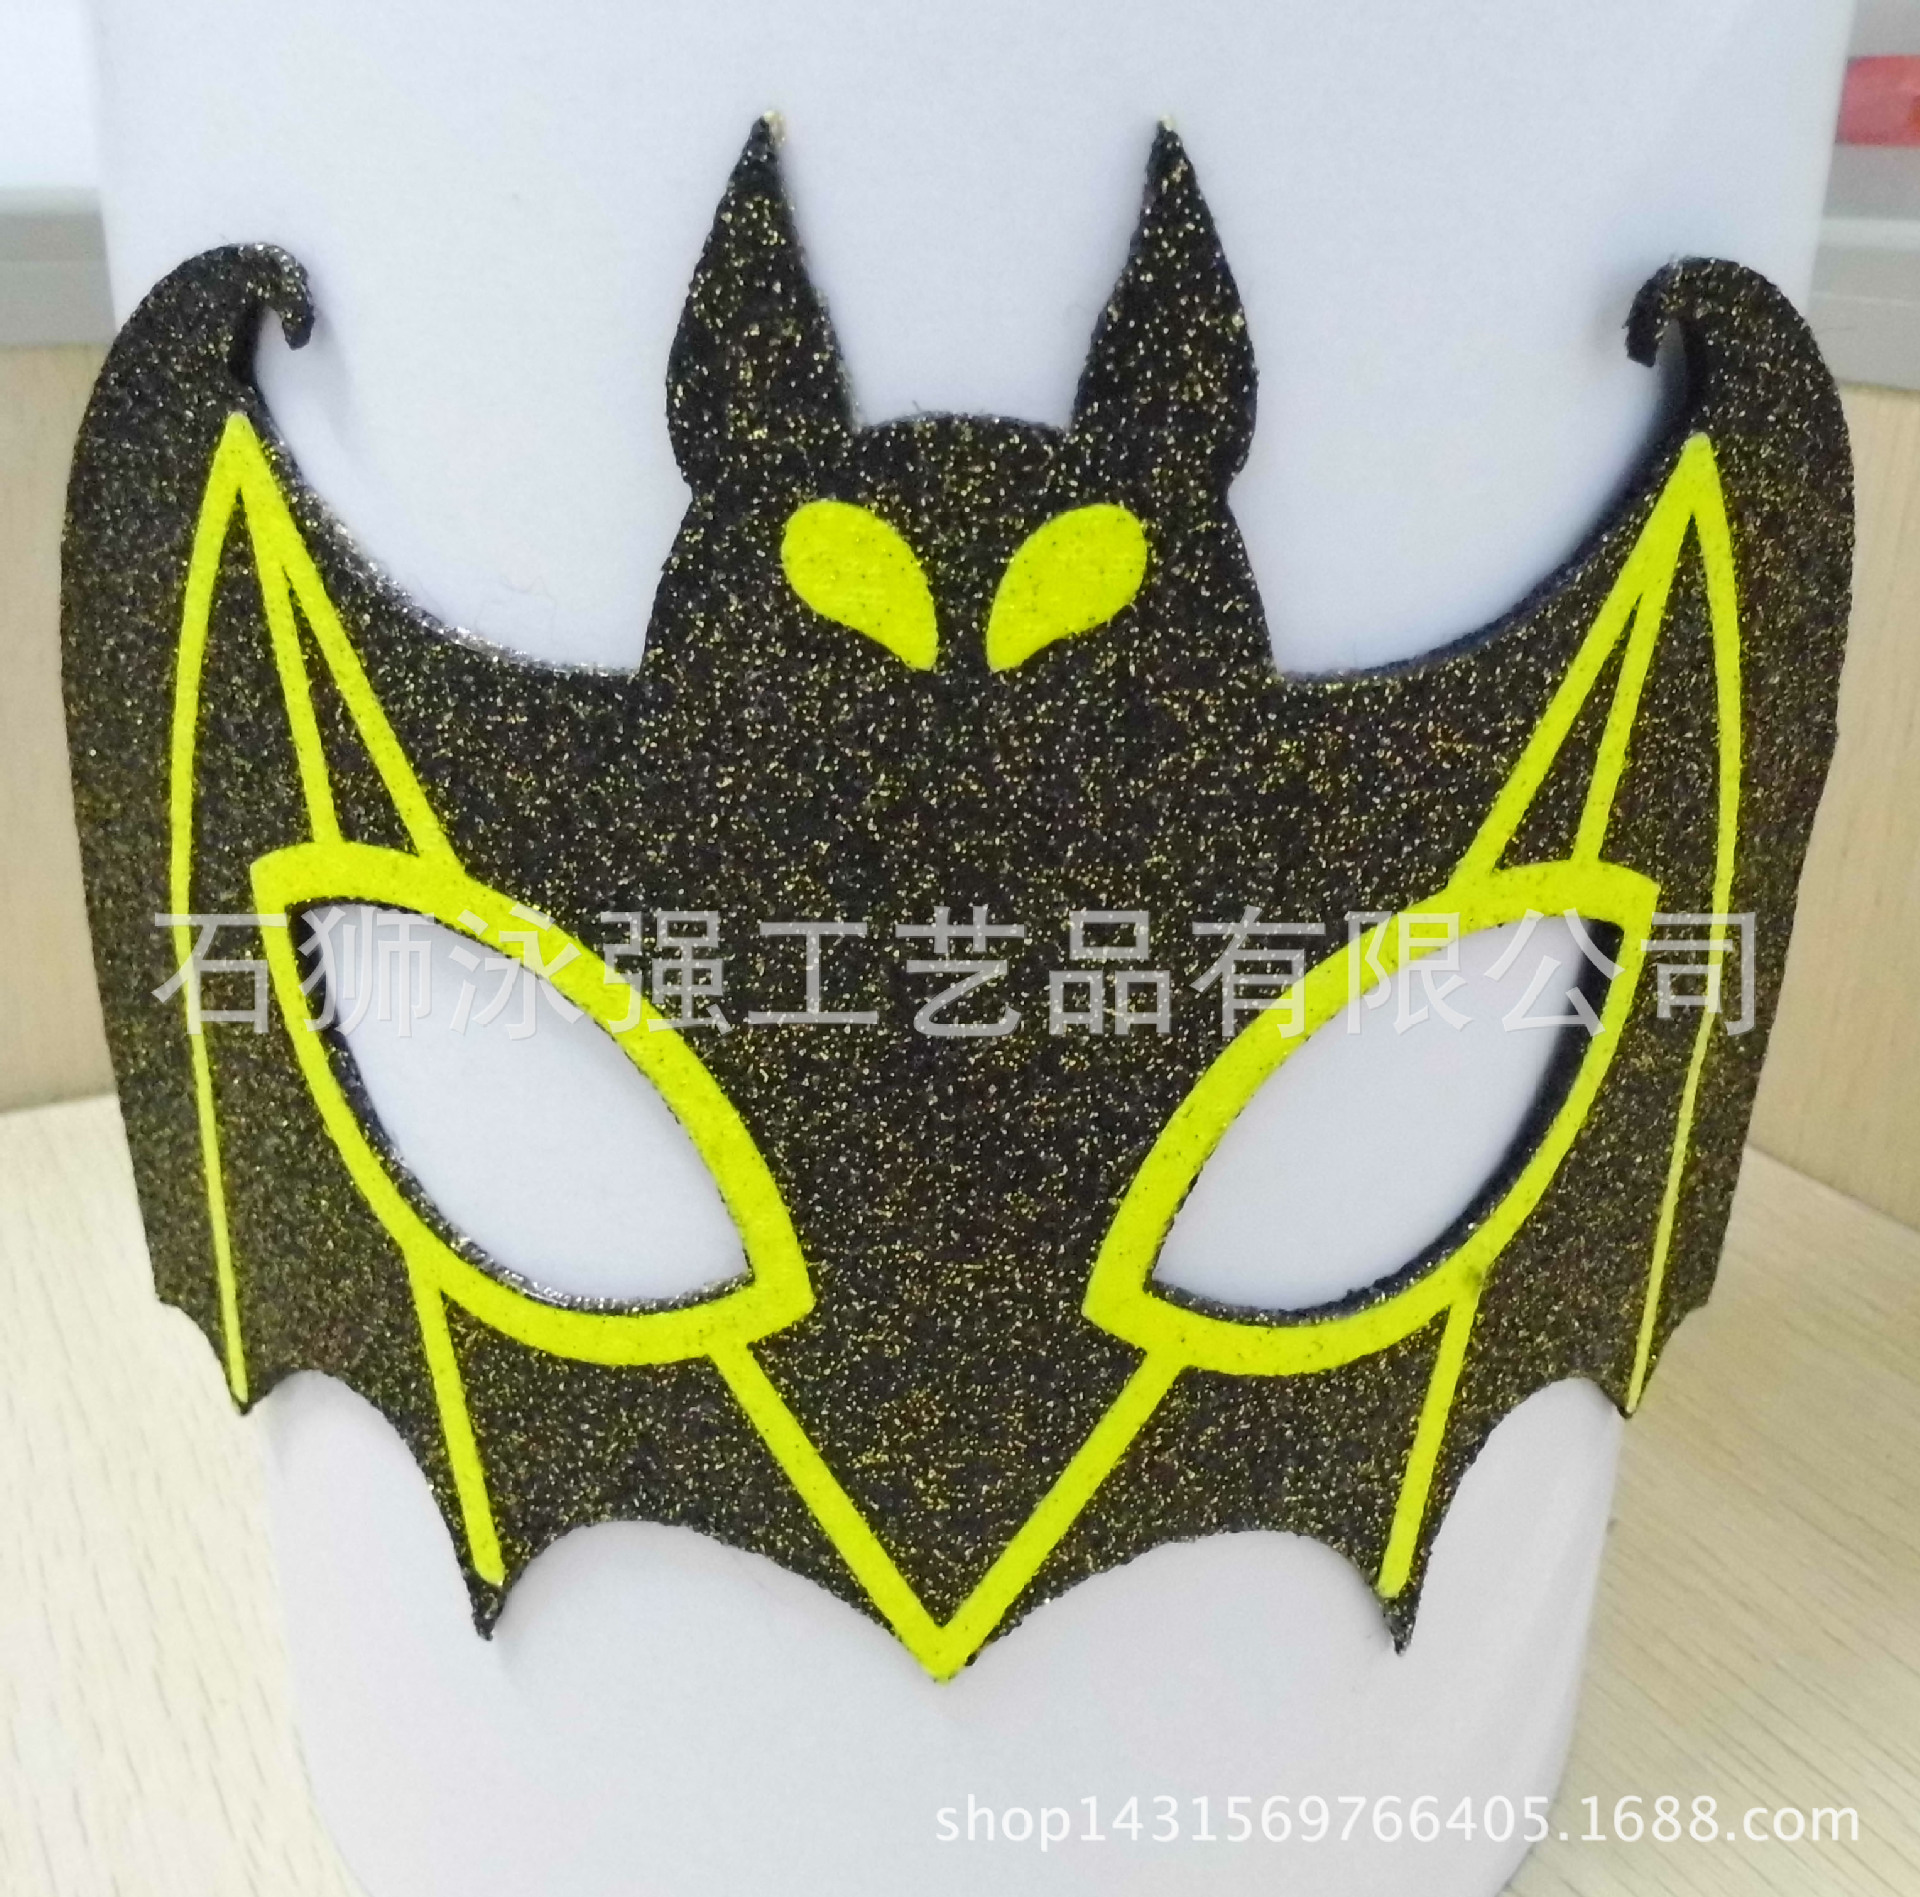 新款電影普通款蝙蝠面具黃色主題面具萬圣節化裝舞會表演布置道具